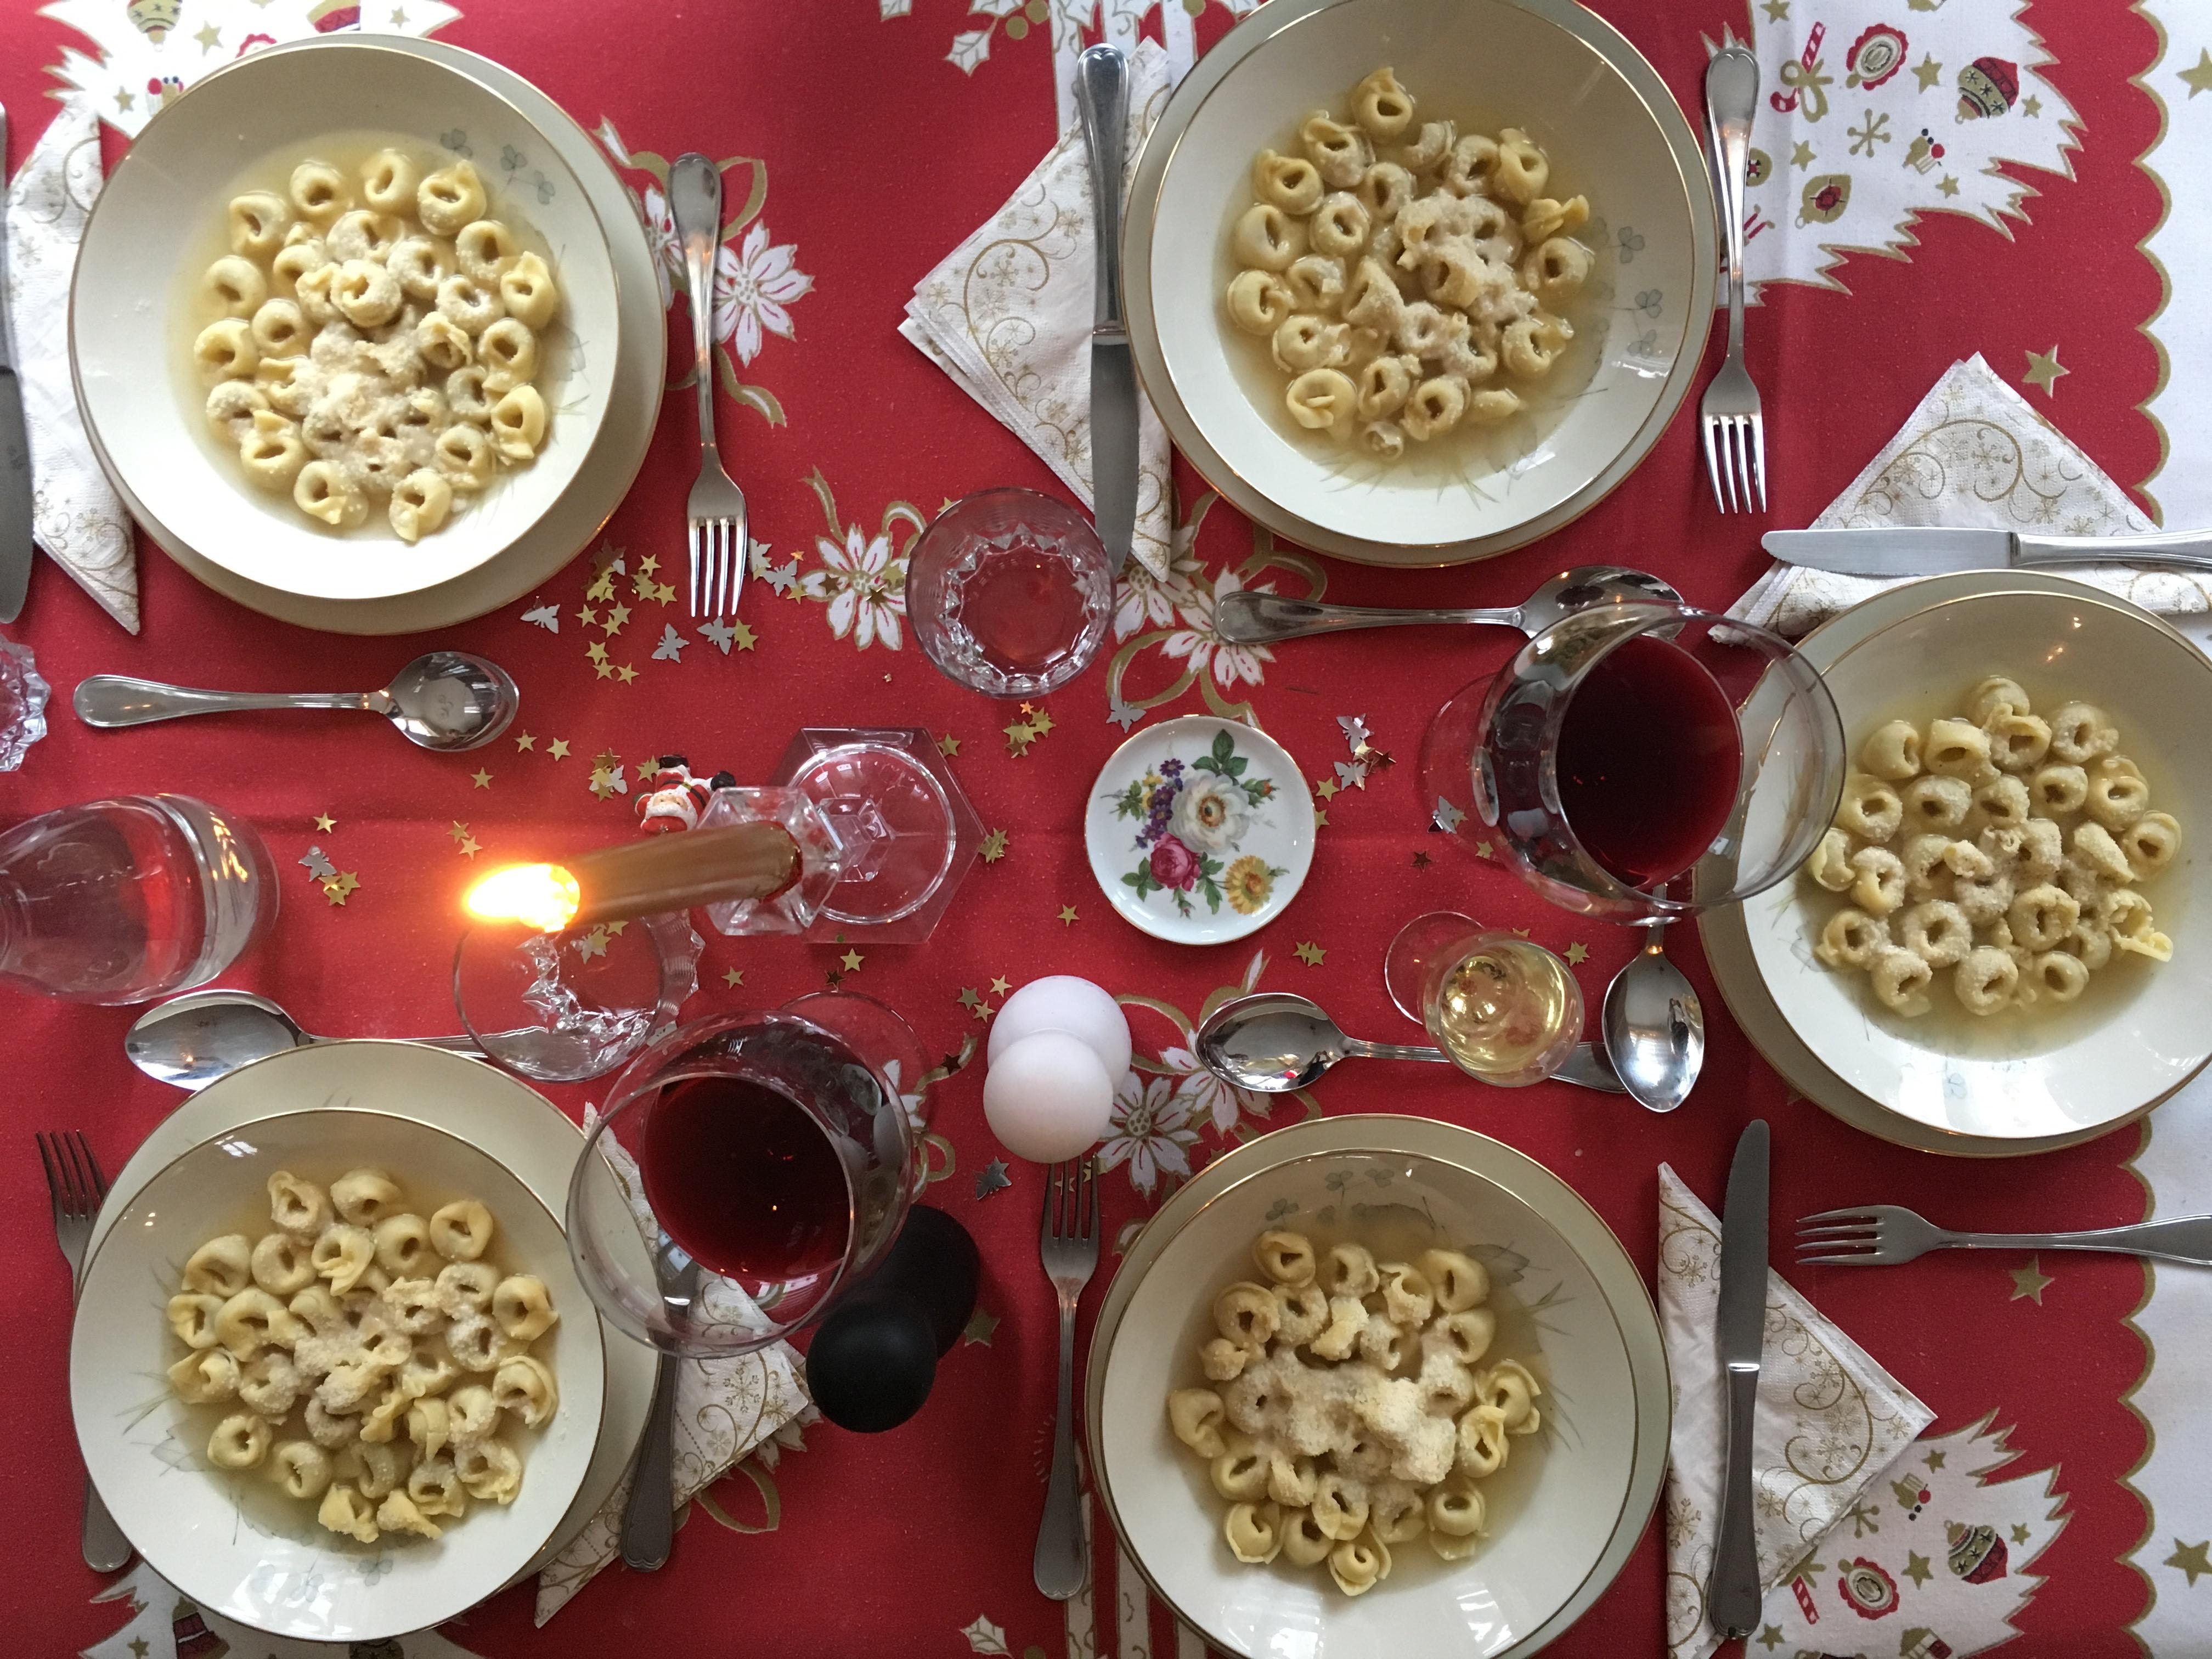 lifestyle-italienisches-weihnachtsessen-essen-weihnachten-heiligabend-weihnachtsmenue-5